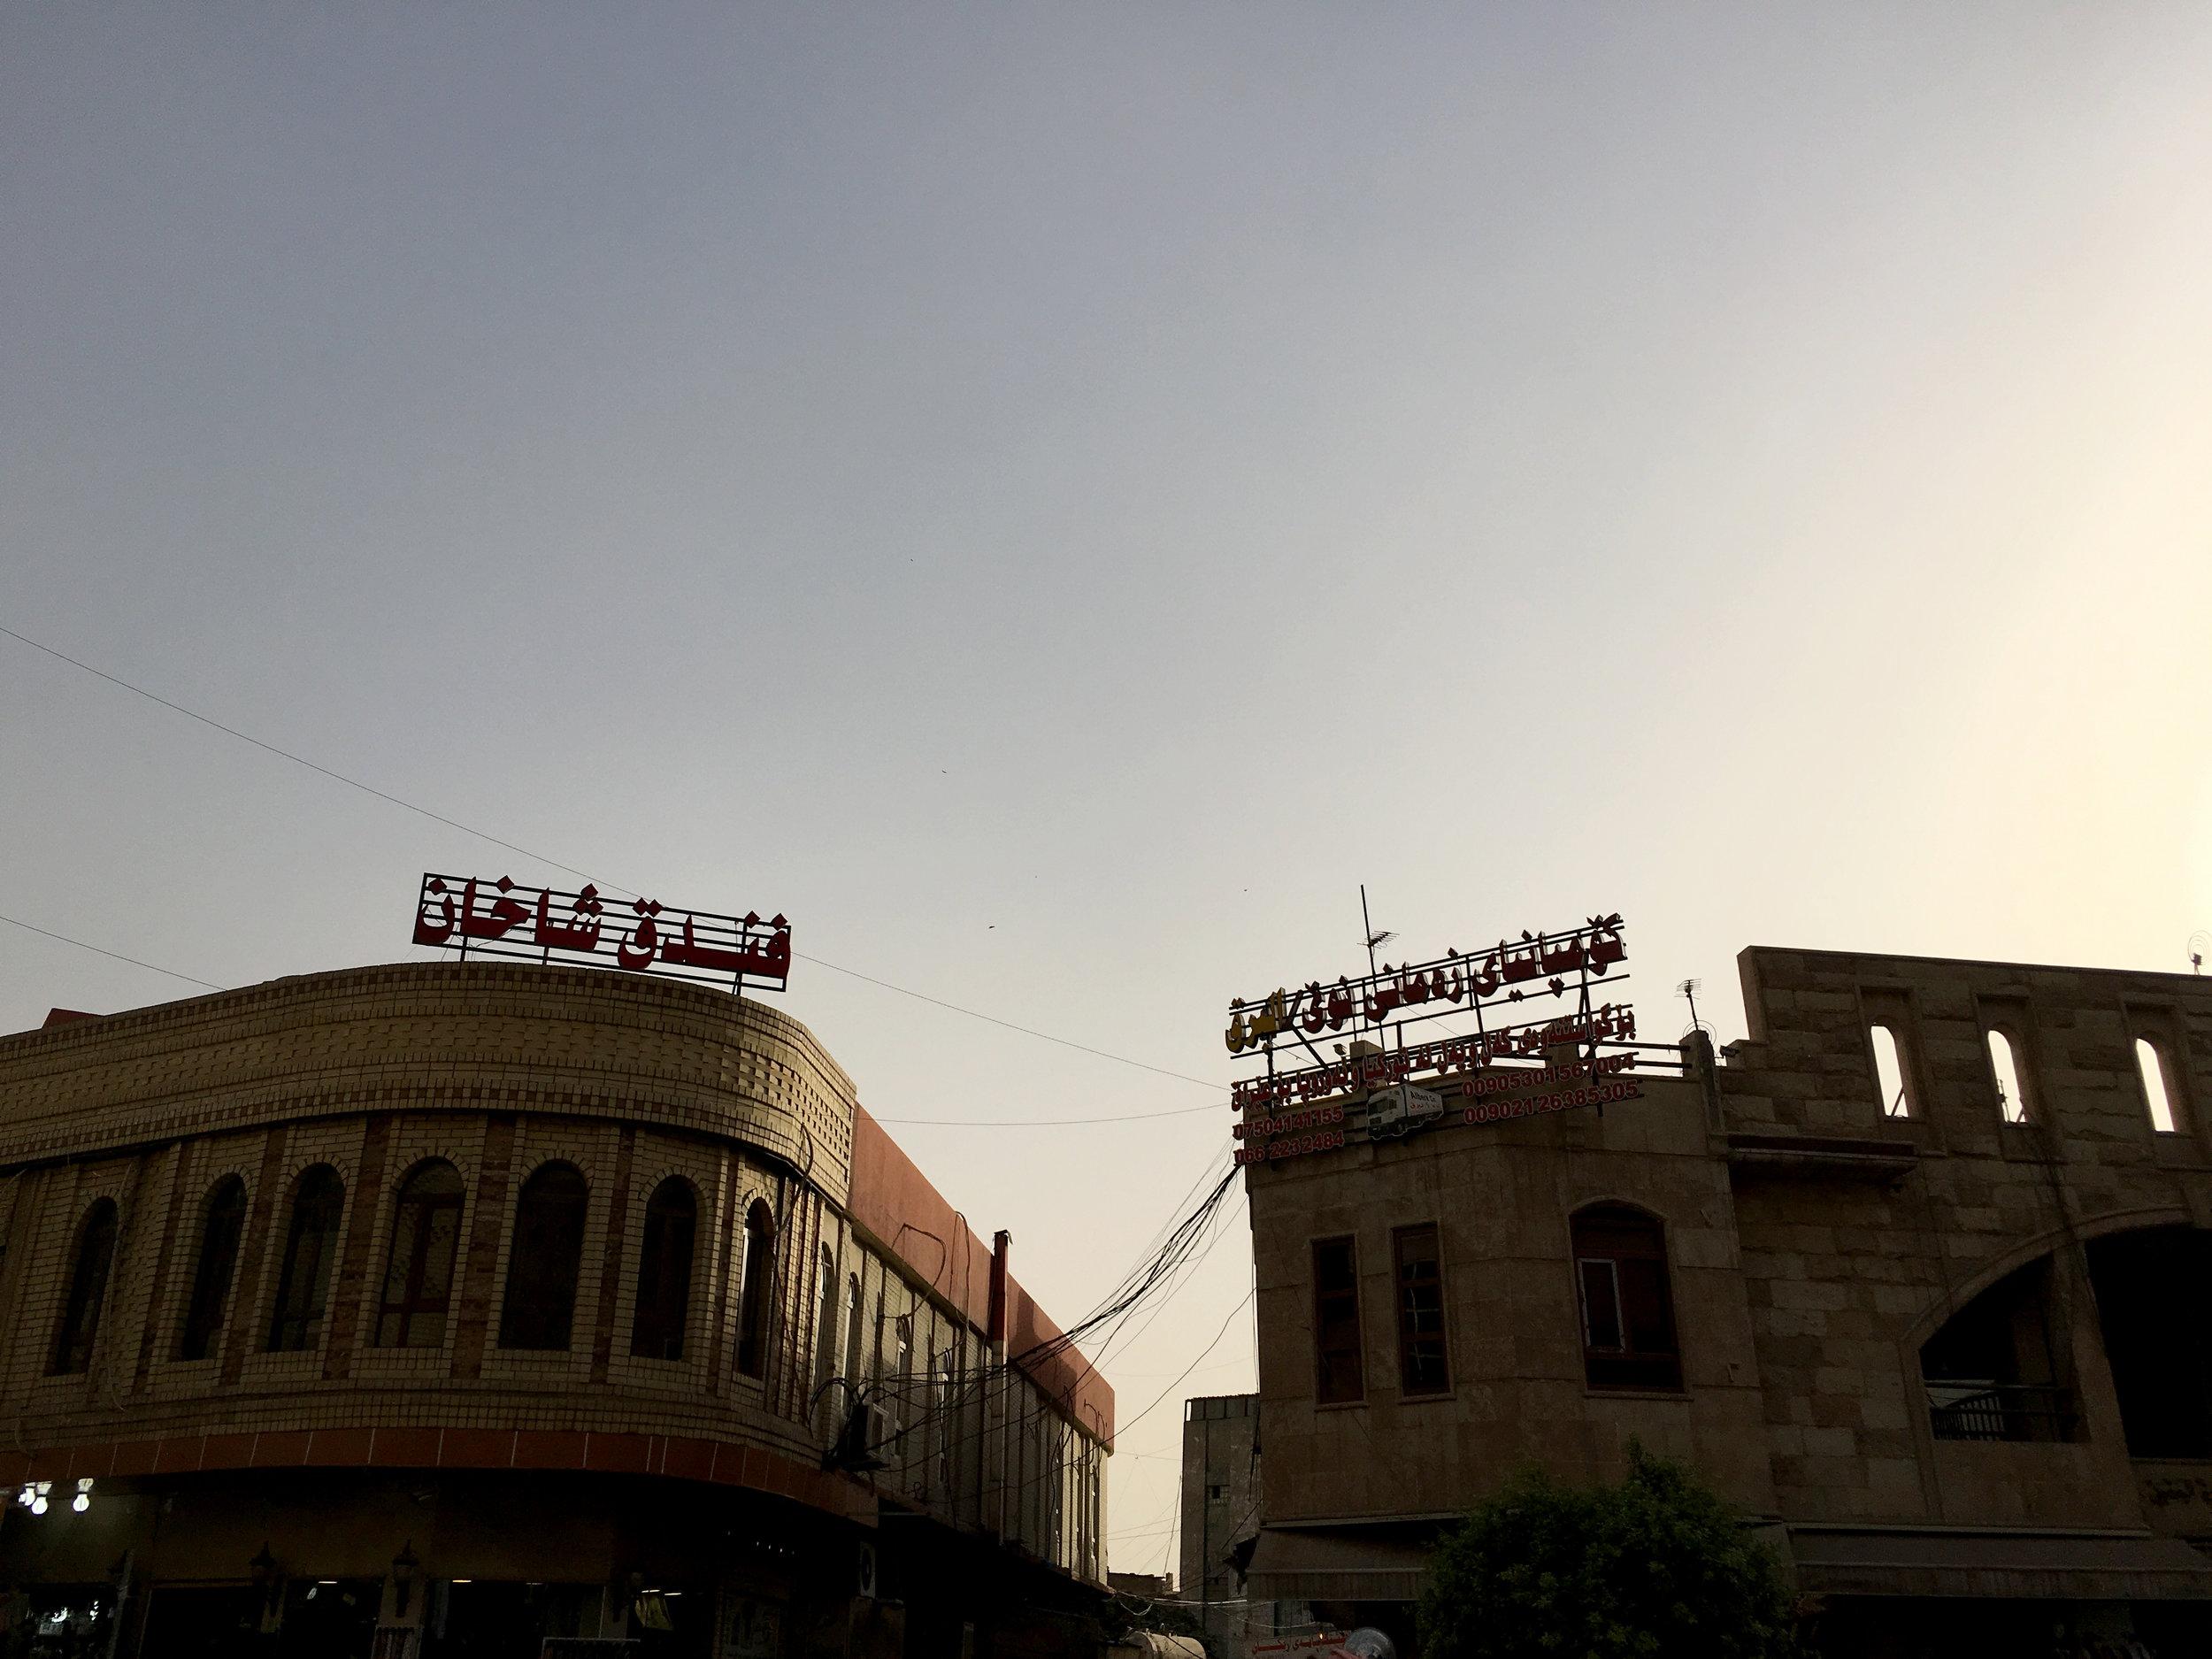 Fin du jour  Erbil, Iraq